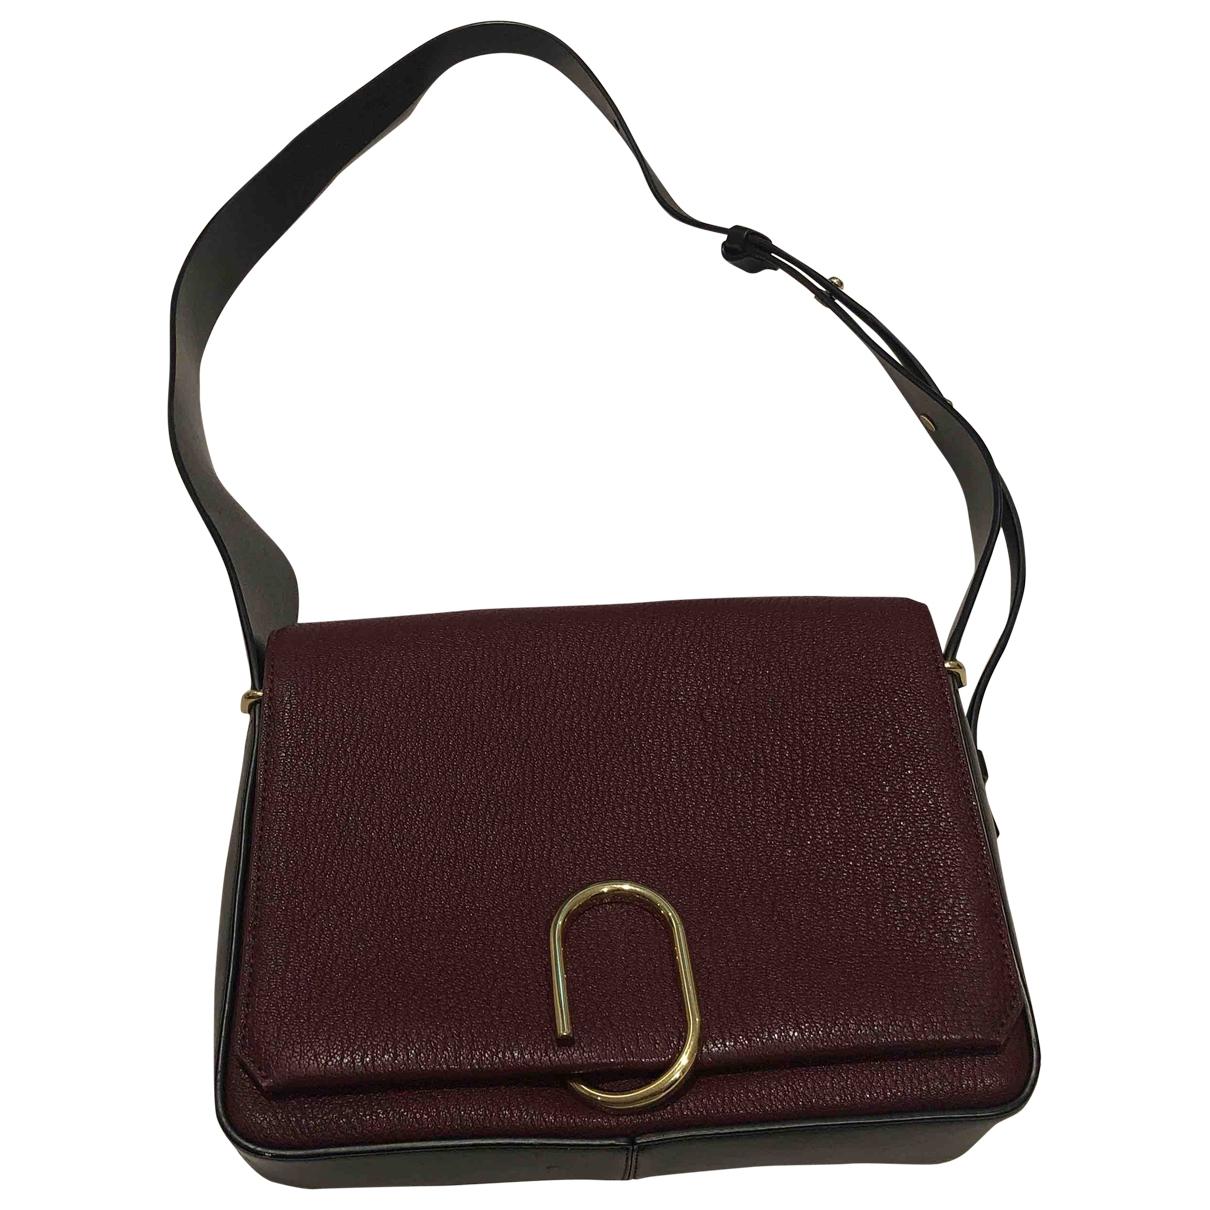 3.1 Phillip Lim \N Burgundy Leather bag for Men \N